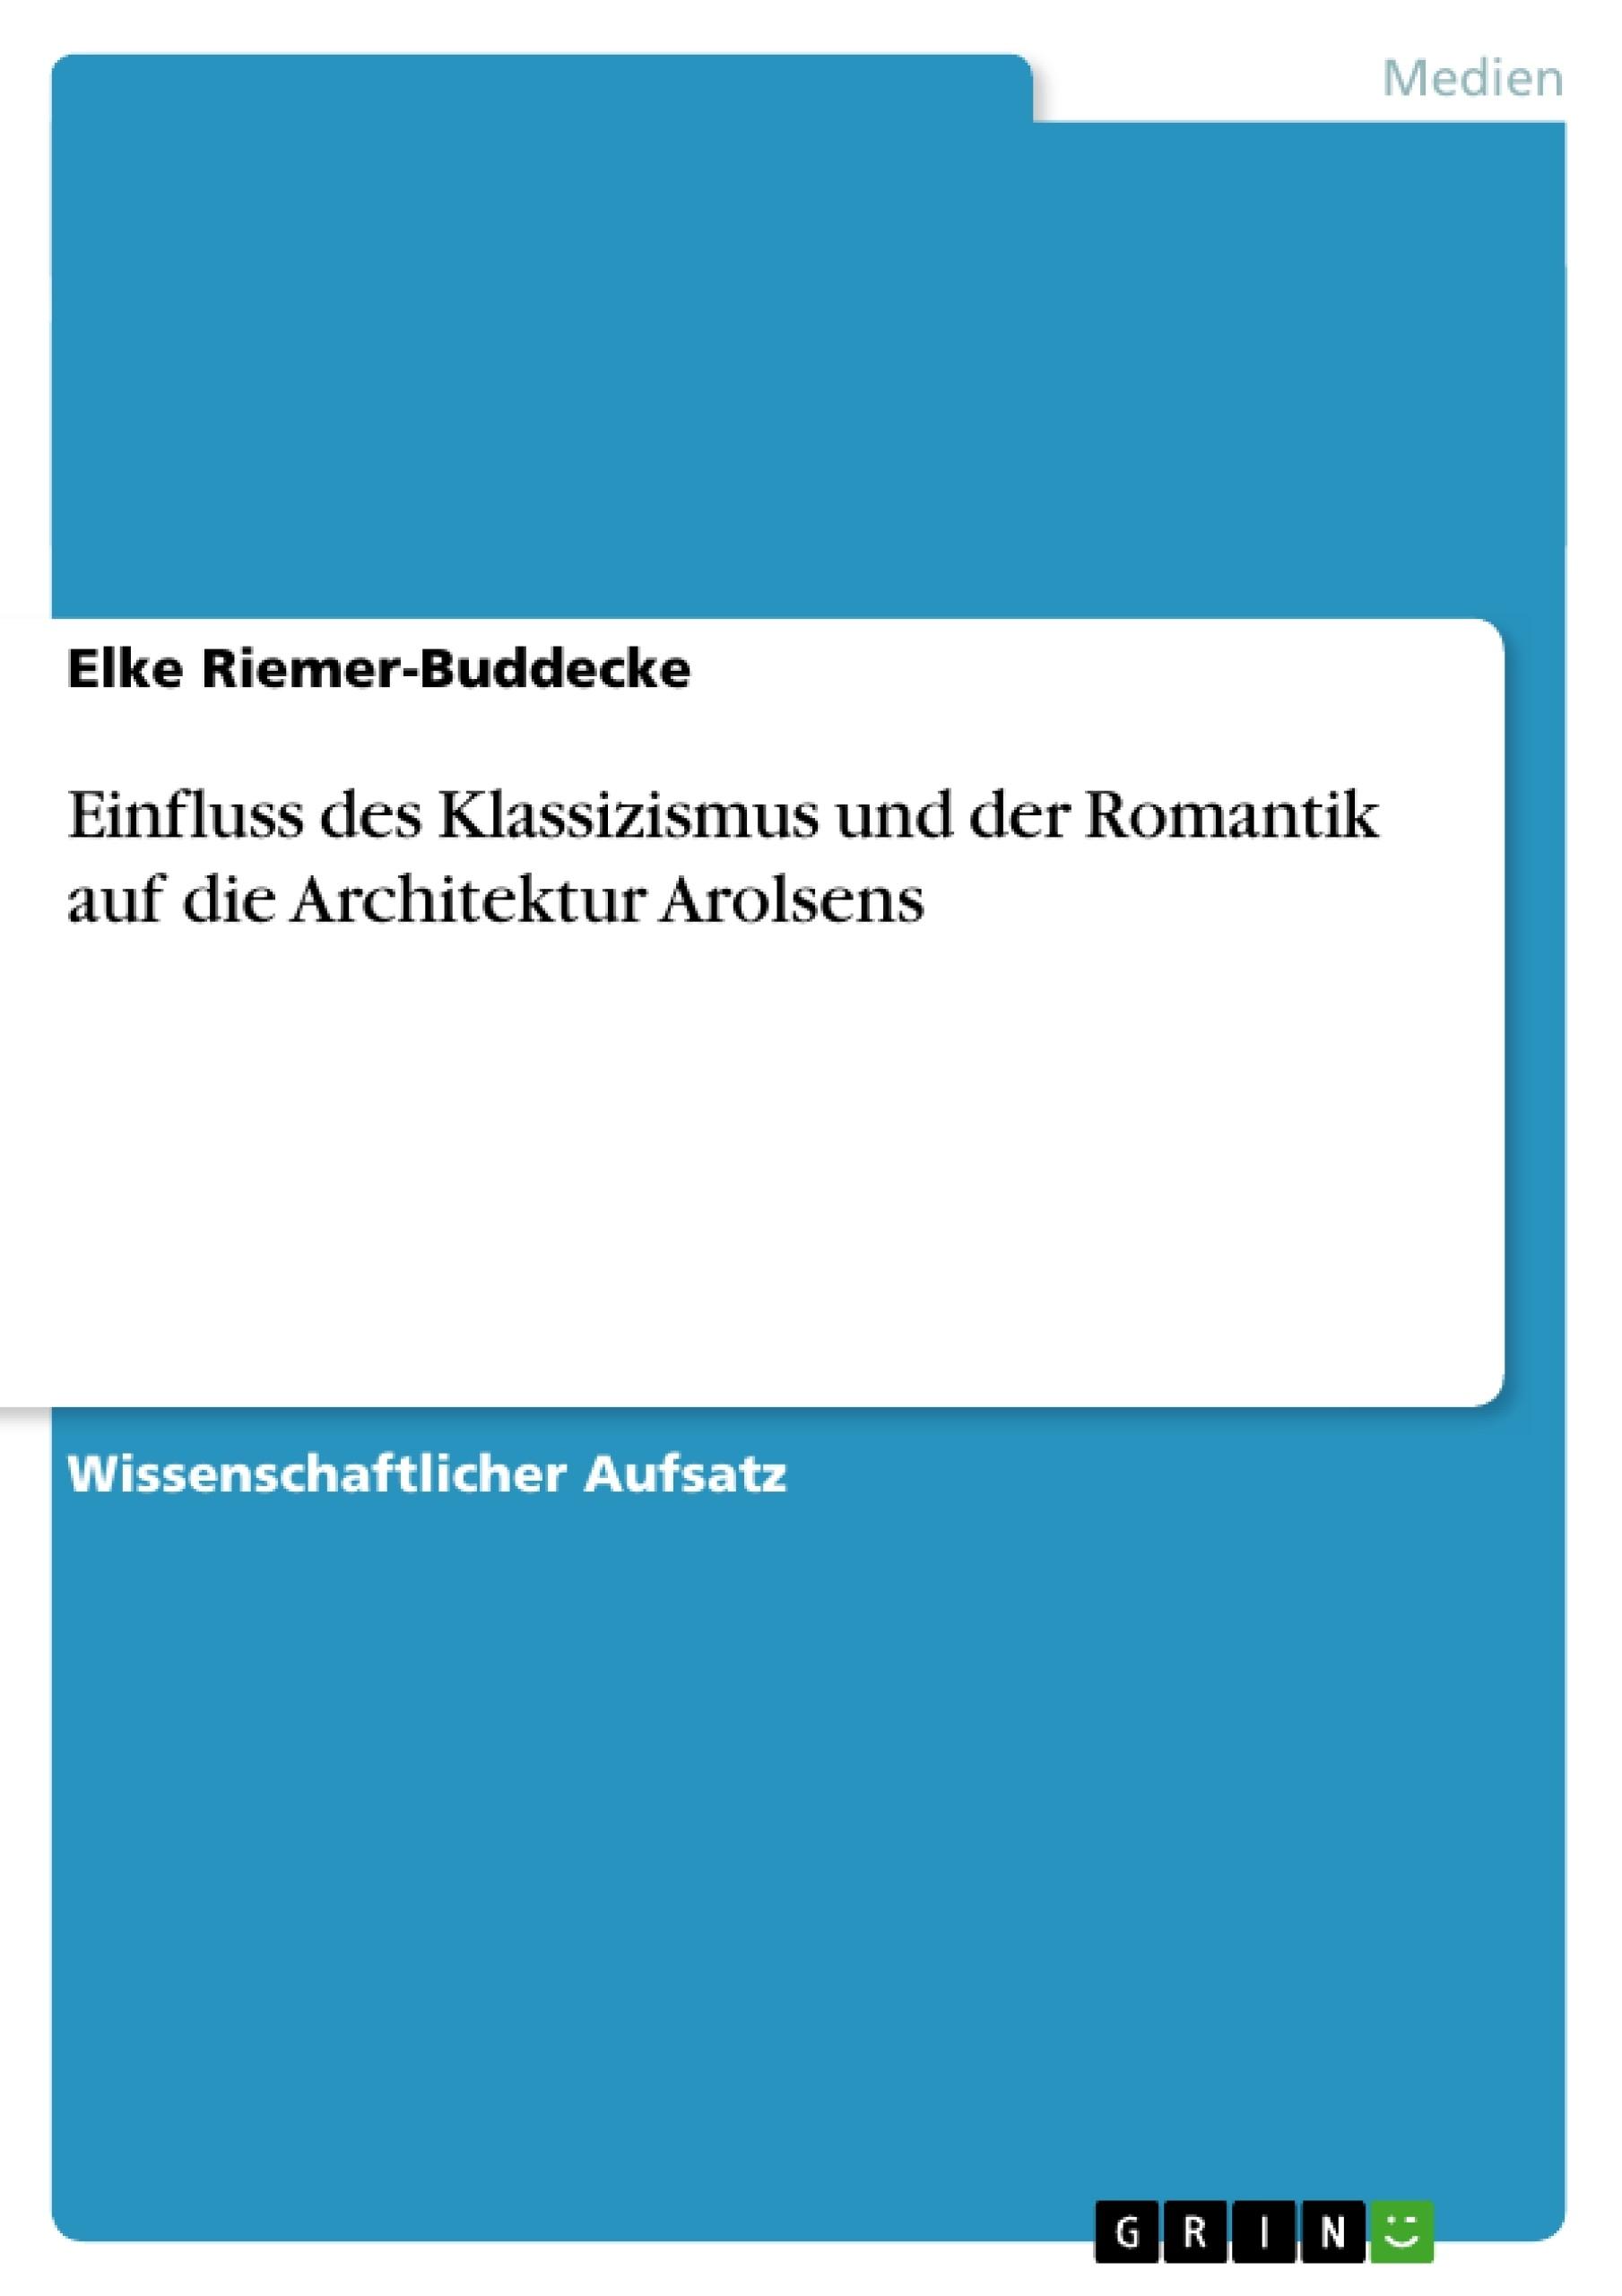 Titel: Einfluss des Klassizismus und der Romantik auf die Architektur Arolsens